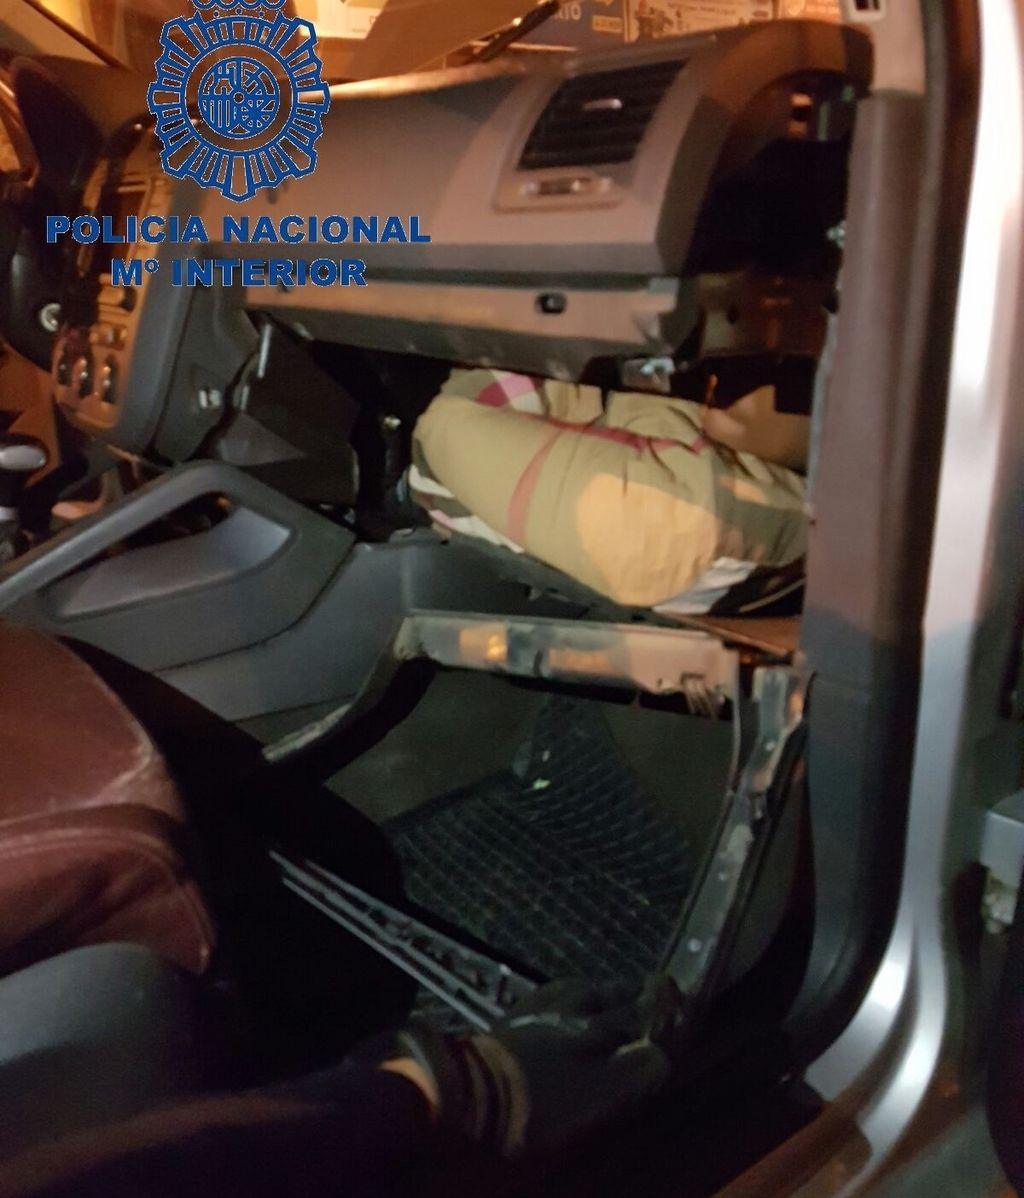 Uno de los inmigrantes que ha intentado entrar en España escondido en un coche